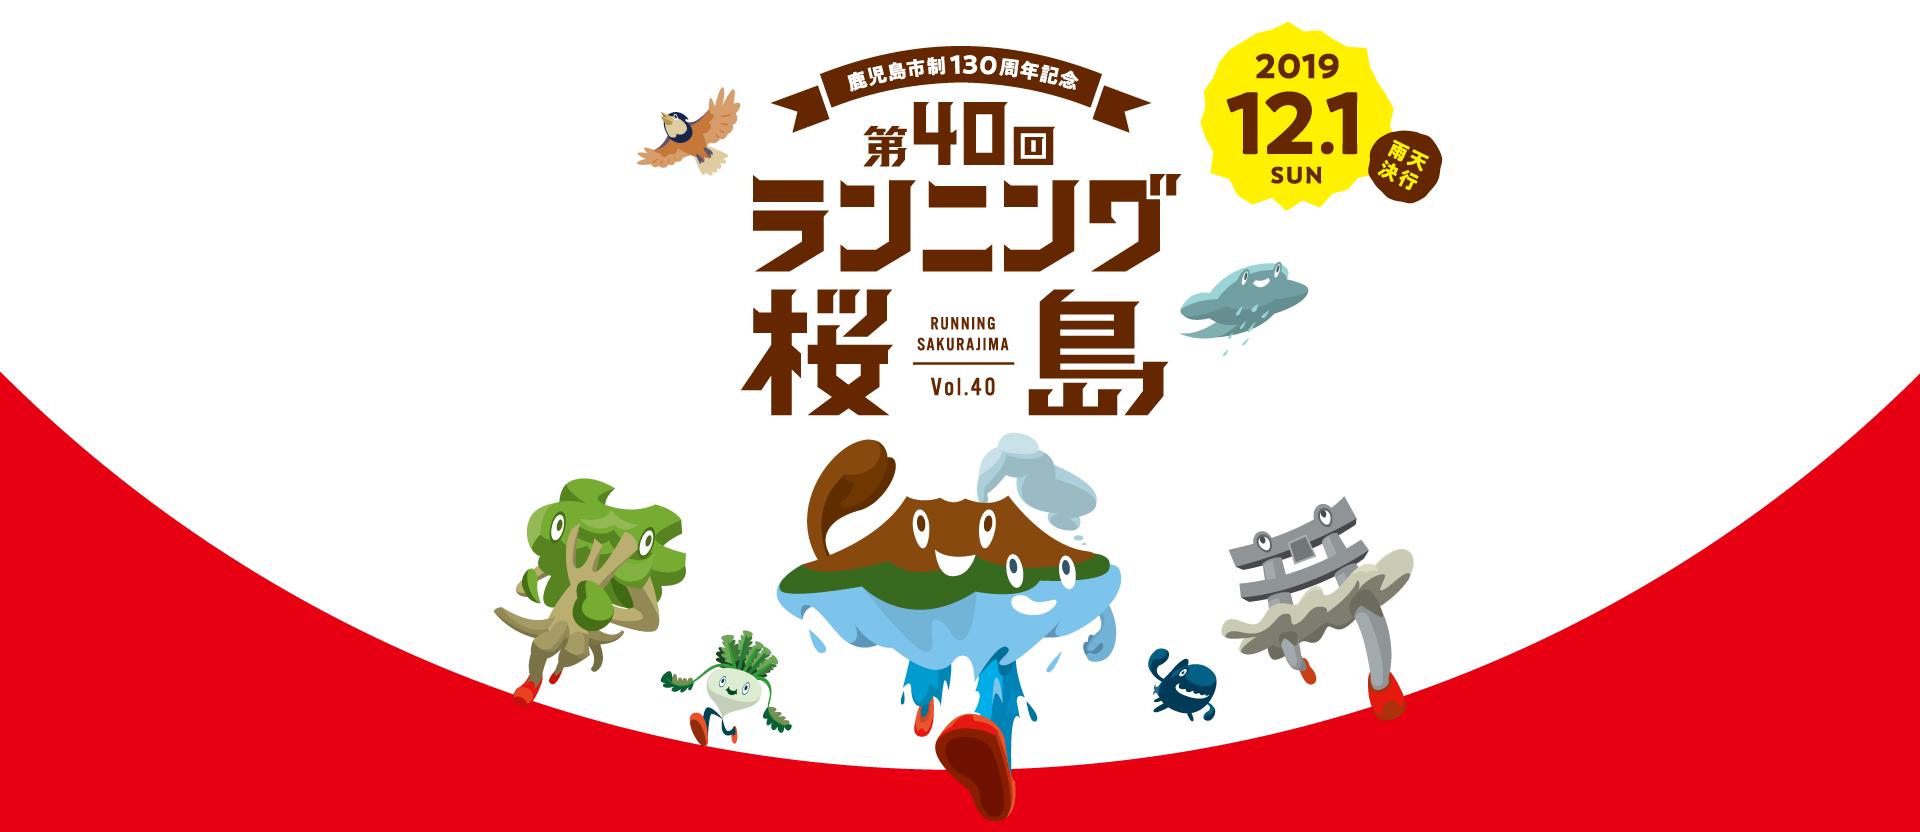 第40回 ランニング桜島 2019.12.1 SUN 雨天決行